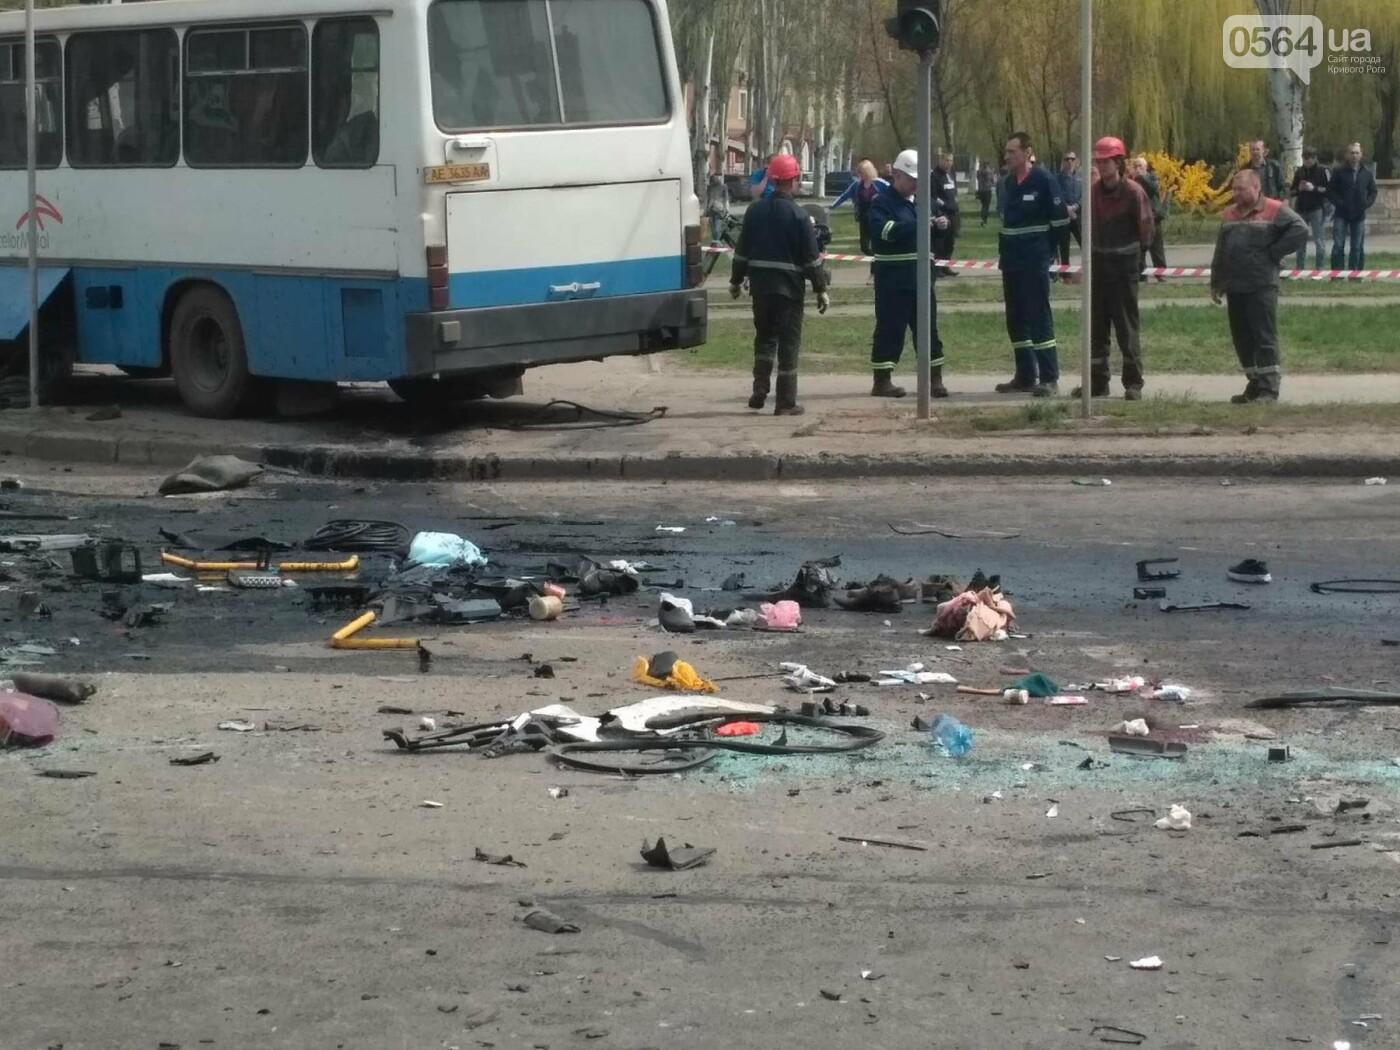 В Кривом Роге убирают место, где в результате аварии погибли 8 человек (ФОТО), фото-2